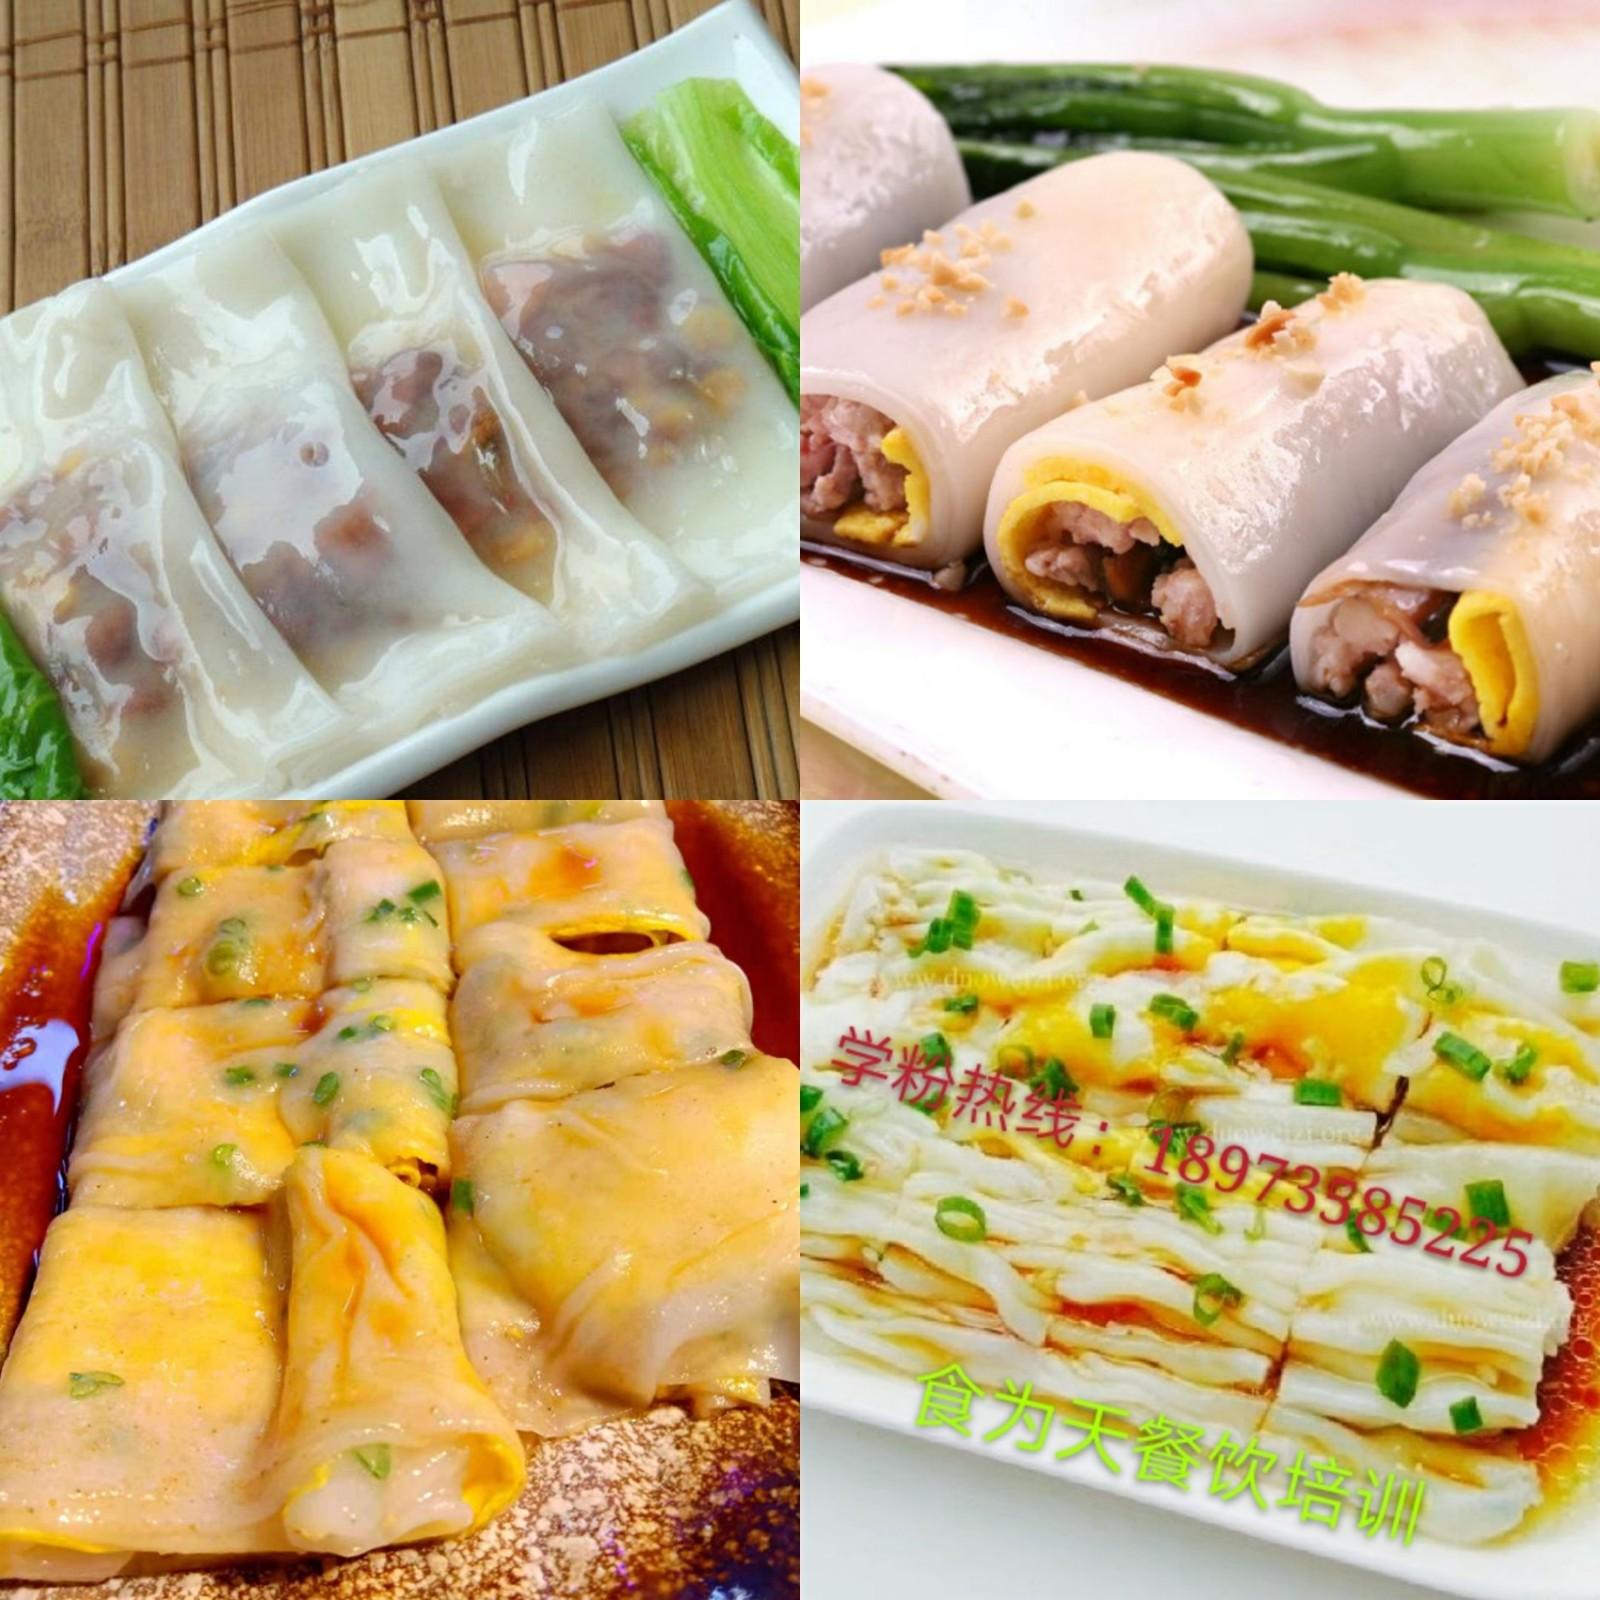 【郴州食为天餐饮培训】郴州哪里可以学做肠粉技术 鸡蛋肠粉、火腿肠粉、瘦肉肠粉、鸡肉肠粉做法培训